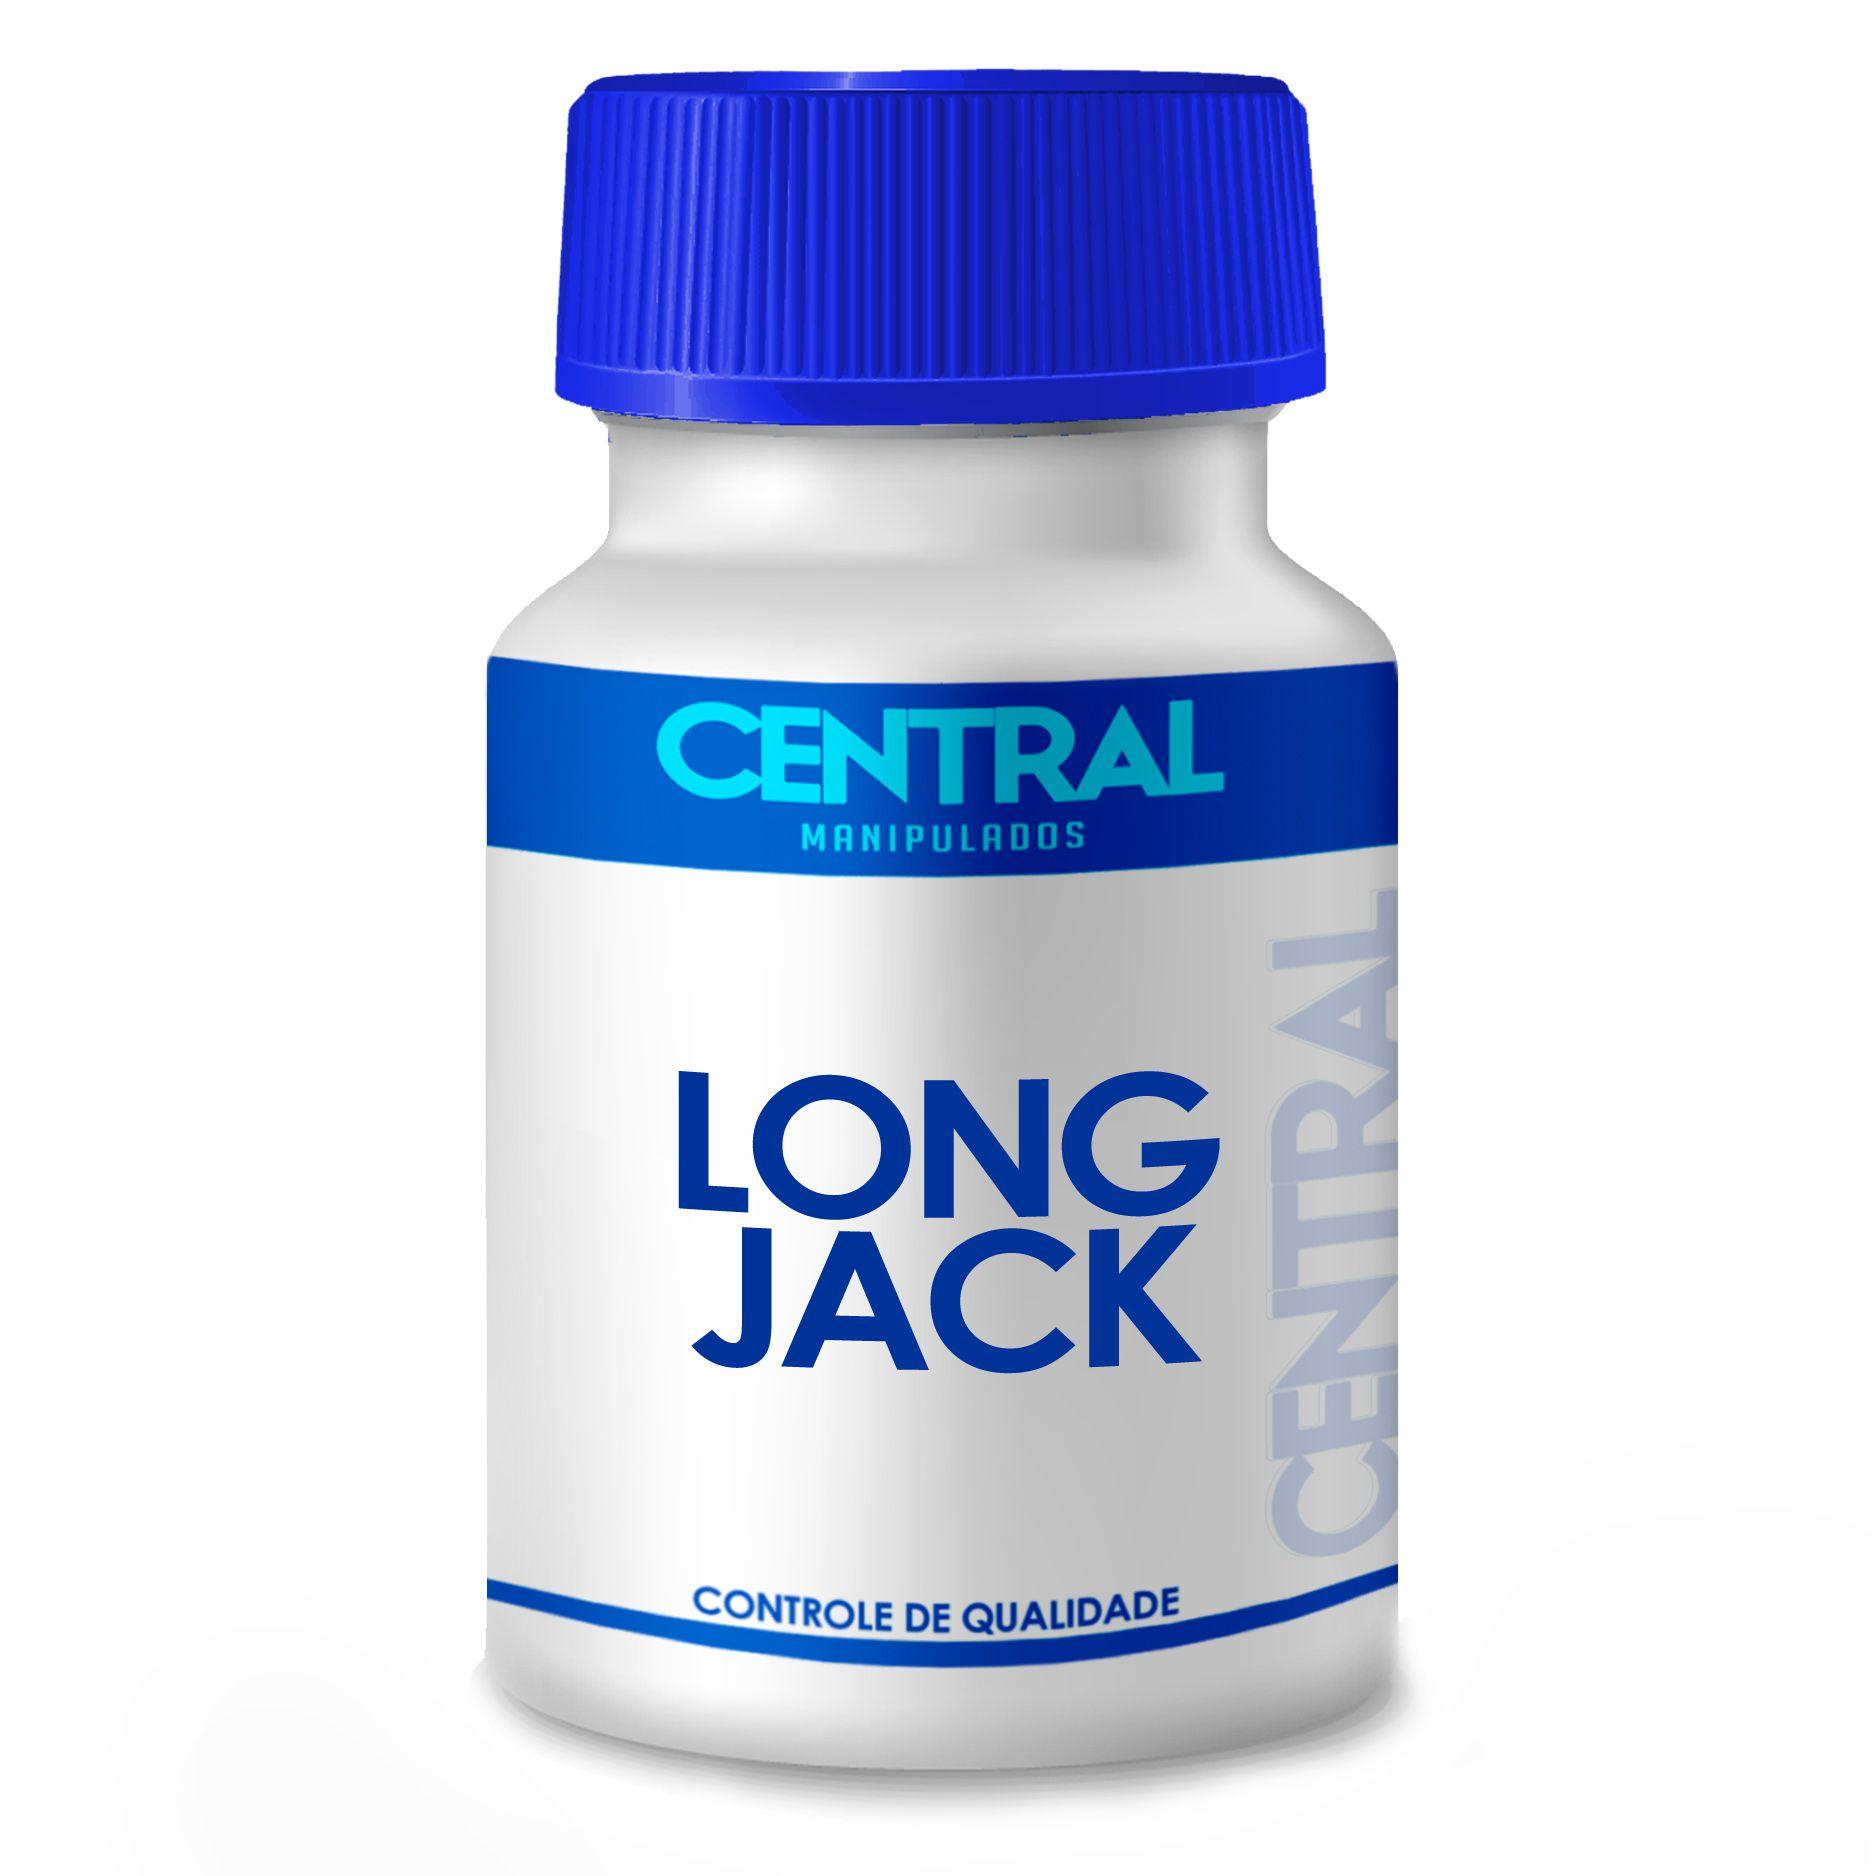 Long Jack 400mg 180 cápsulas - Alternativa segura para Reposição de Testosterona